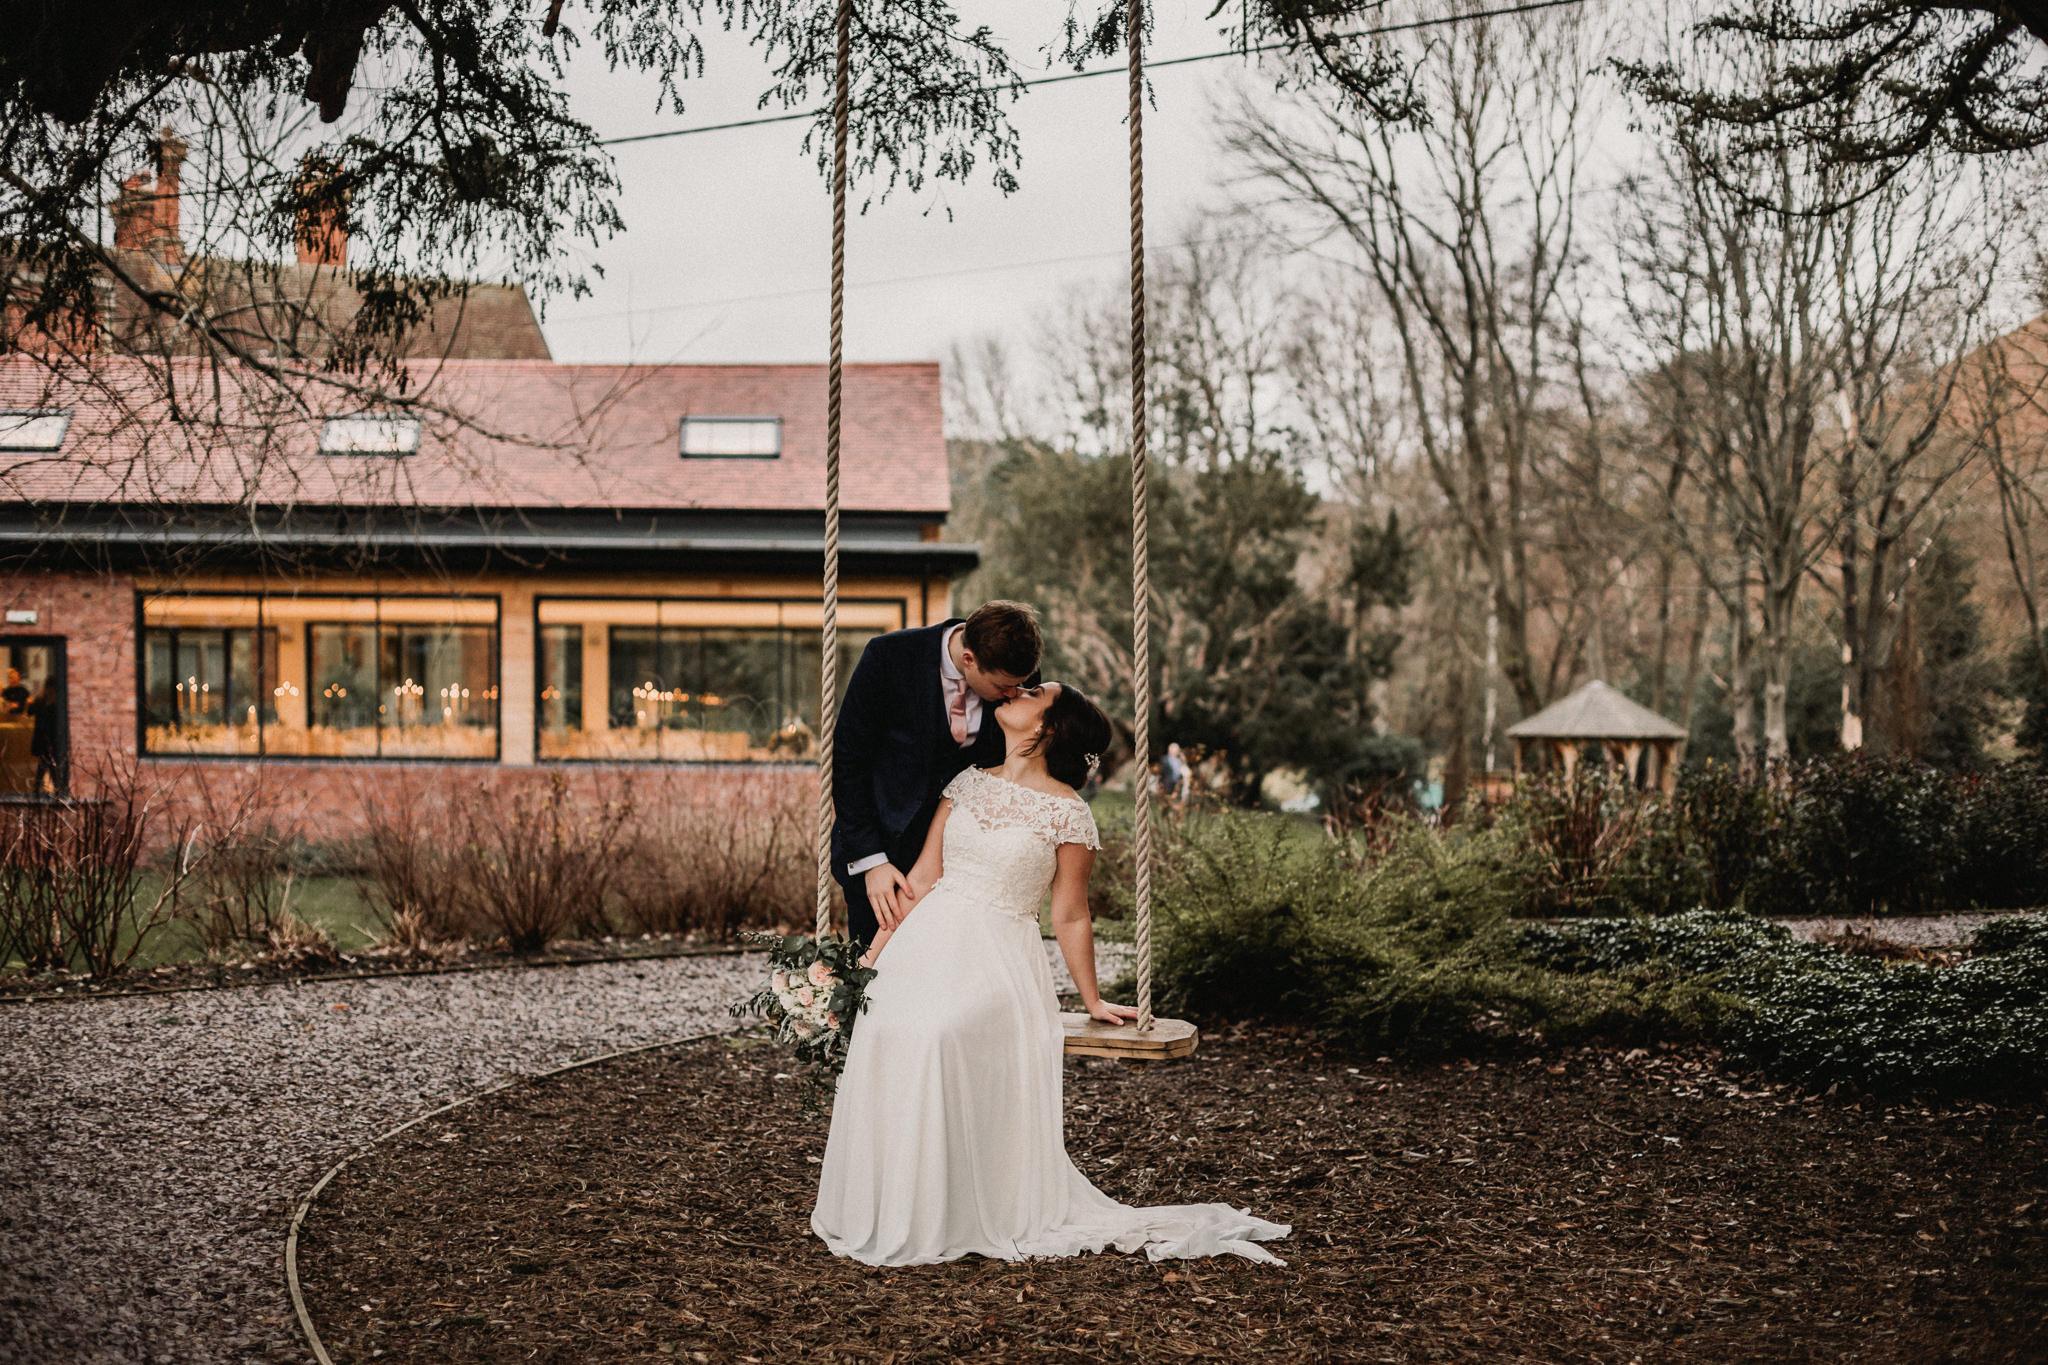 Wedding Photography at Tyn Dwr Hall-1144.jpg